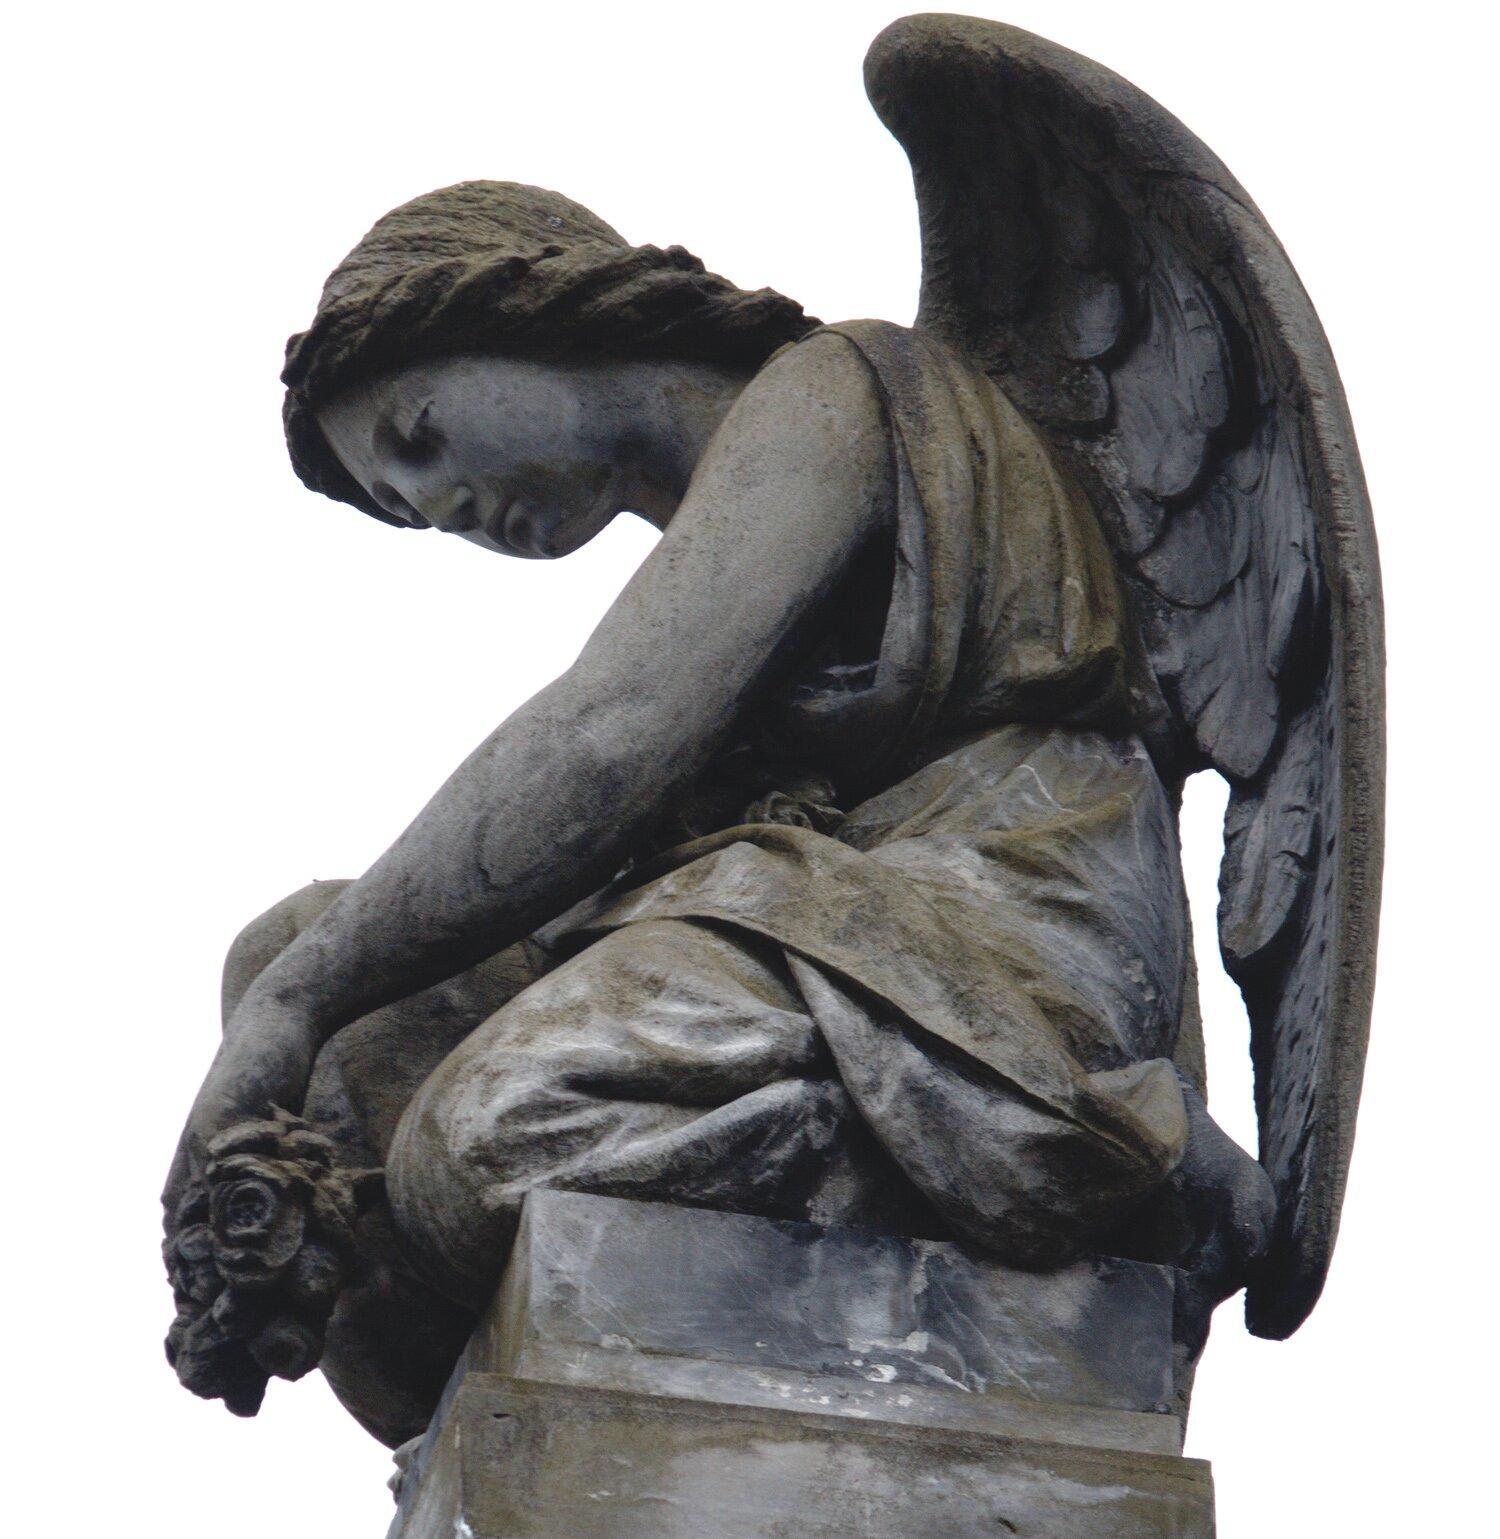 [anioł], [janioł] [anioł], [janioł] Źródło: Małgorzata Skibińska, Contentplus.pl sp. zo.o., fotografia barwna, licencja: CC BY 3.0.